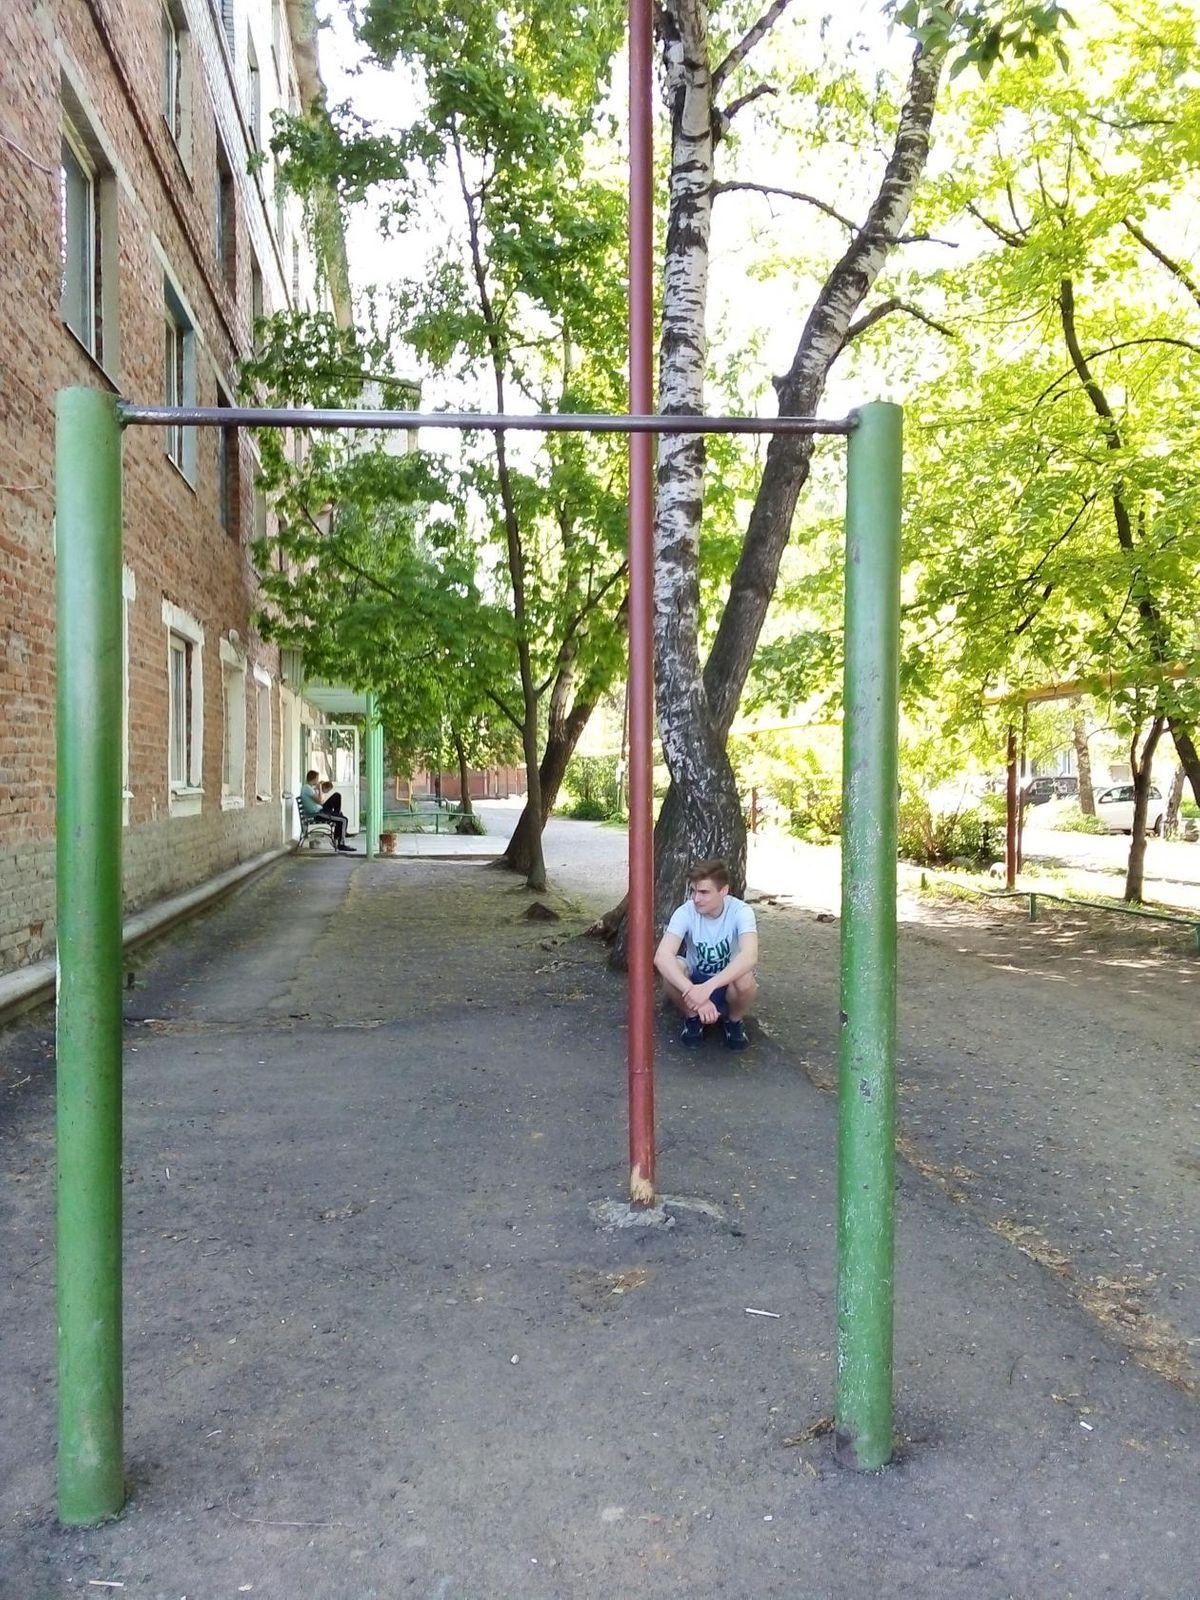 Morshansk - Calisthenics Park - Sberbank of Russia